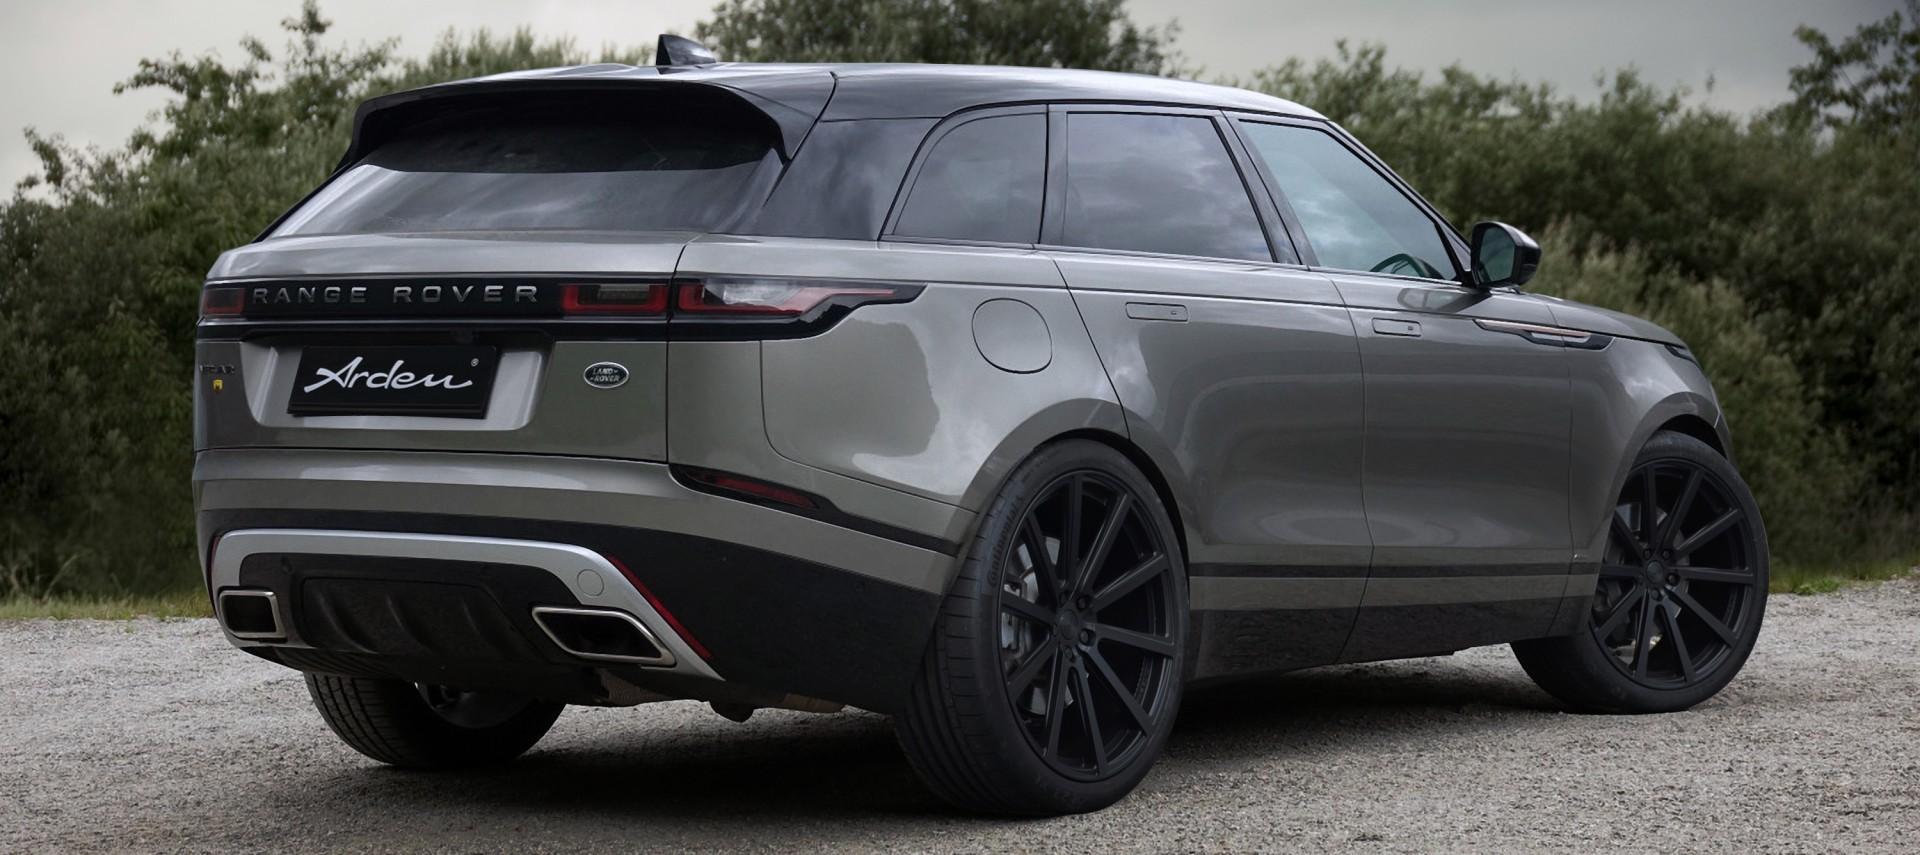 Mini Cooper Convertible For Sale >> Range Rover Velar - Arden